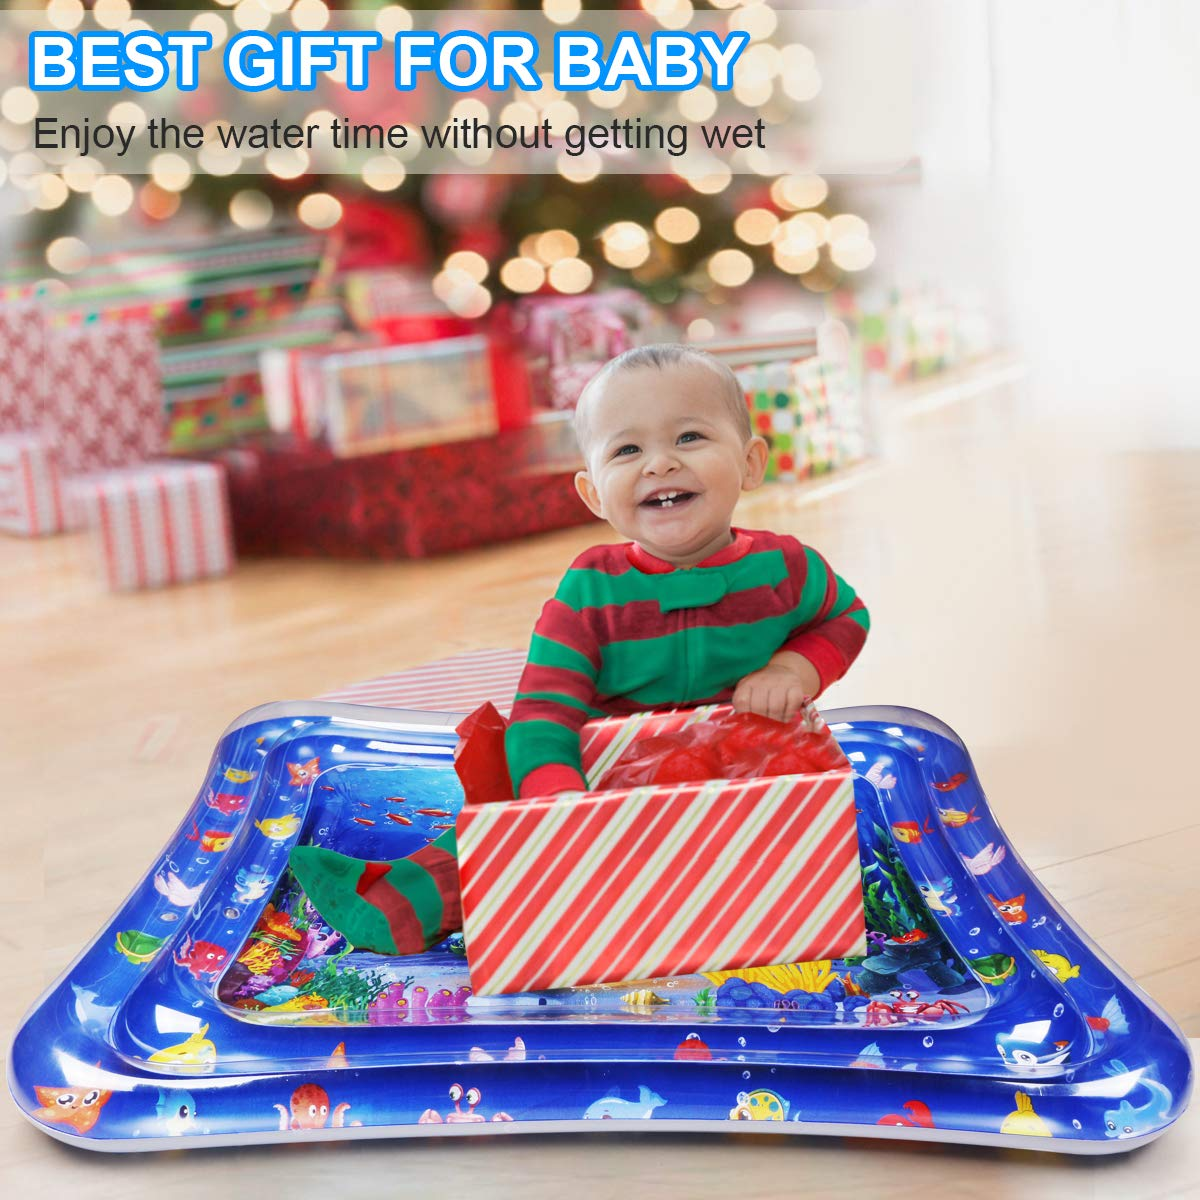 Wassermatte Baby Dycsin Baby Spielzeug 3 6 9 Monate 120 100CM Wasserspielmatte Baby Tummy Time Mat BPA-frei Baby Spielzeug Aufblasbare Wassermatte F/ür Babys